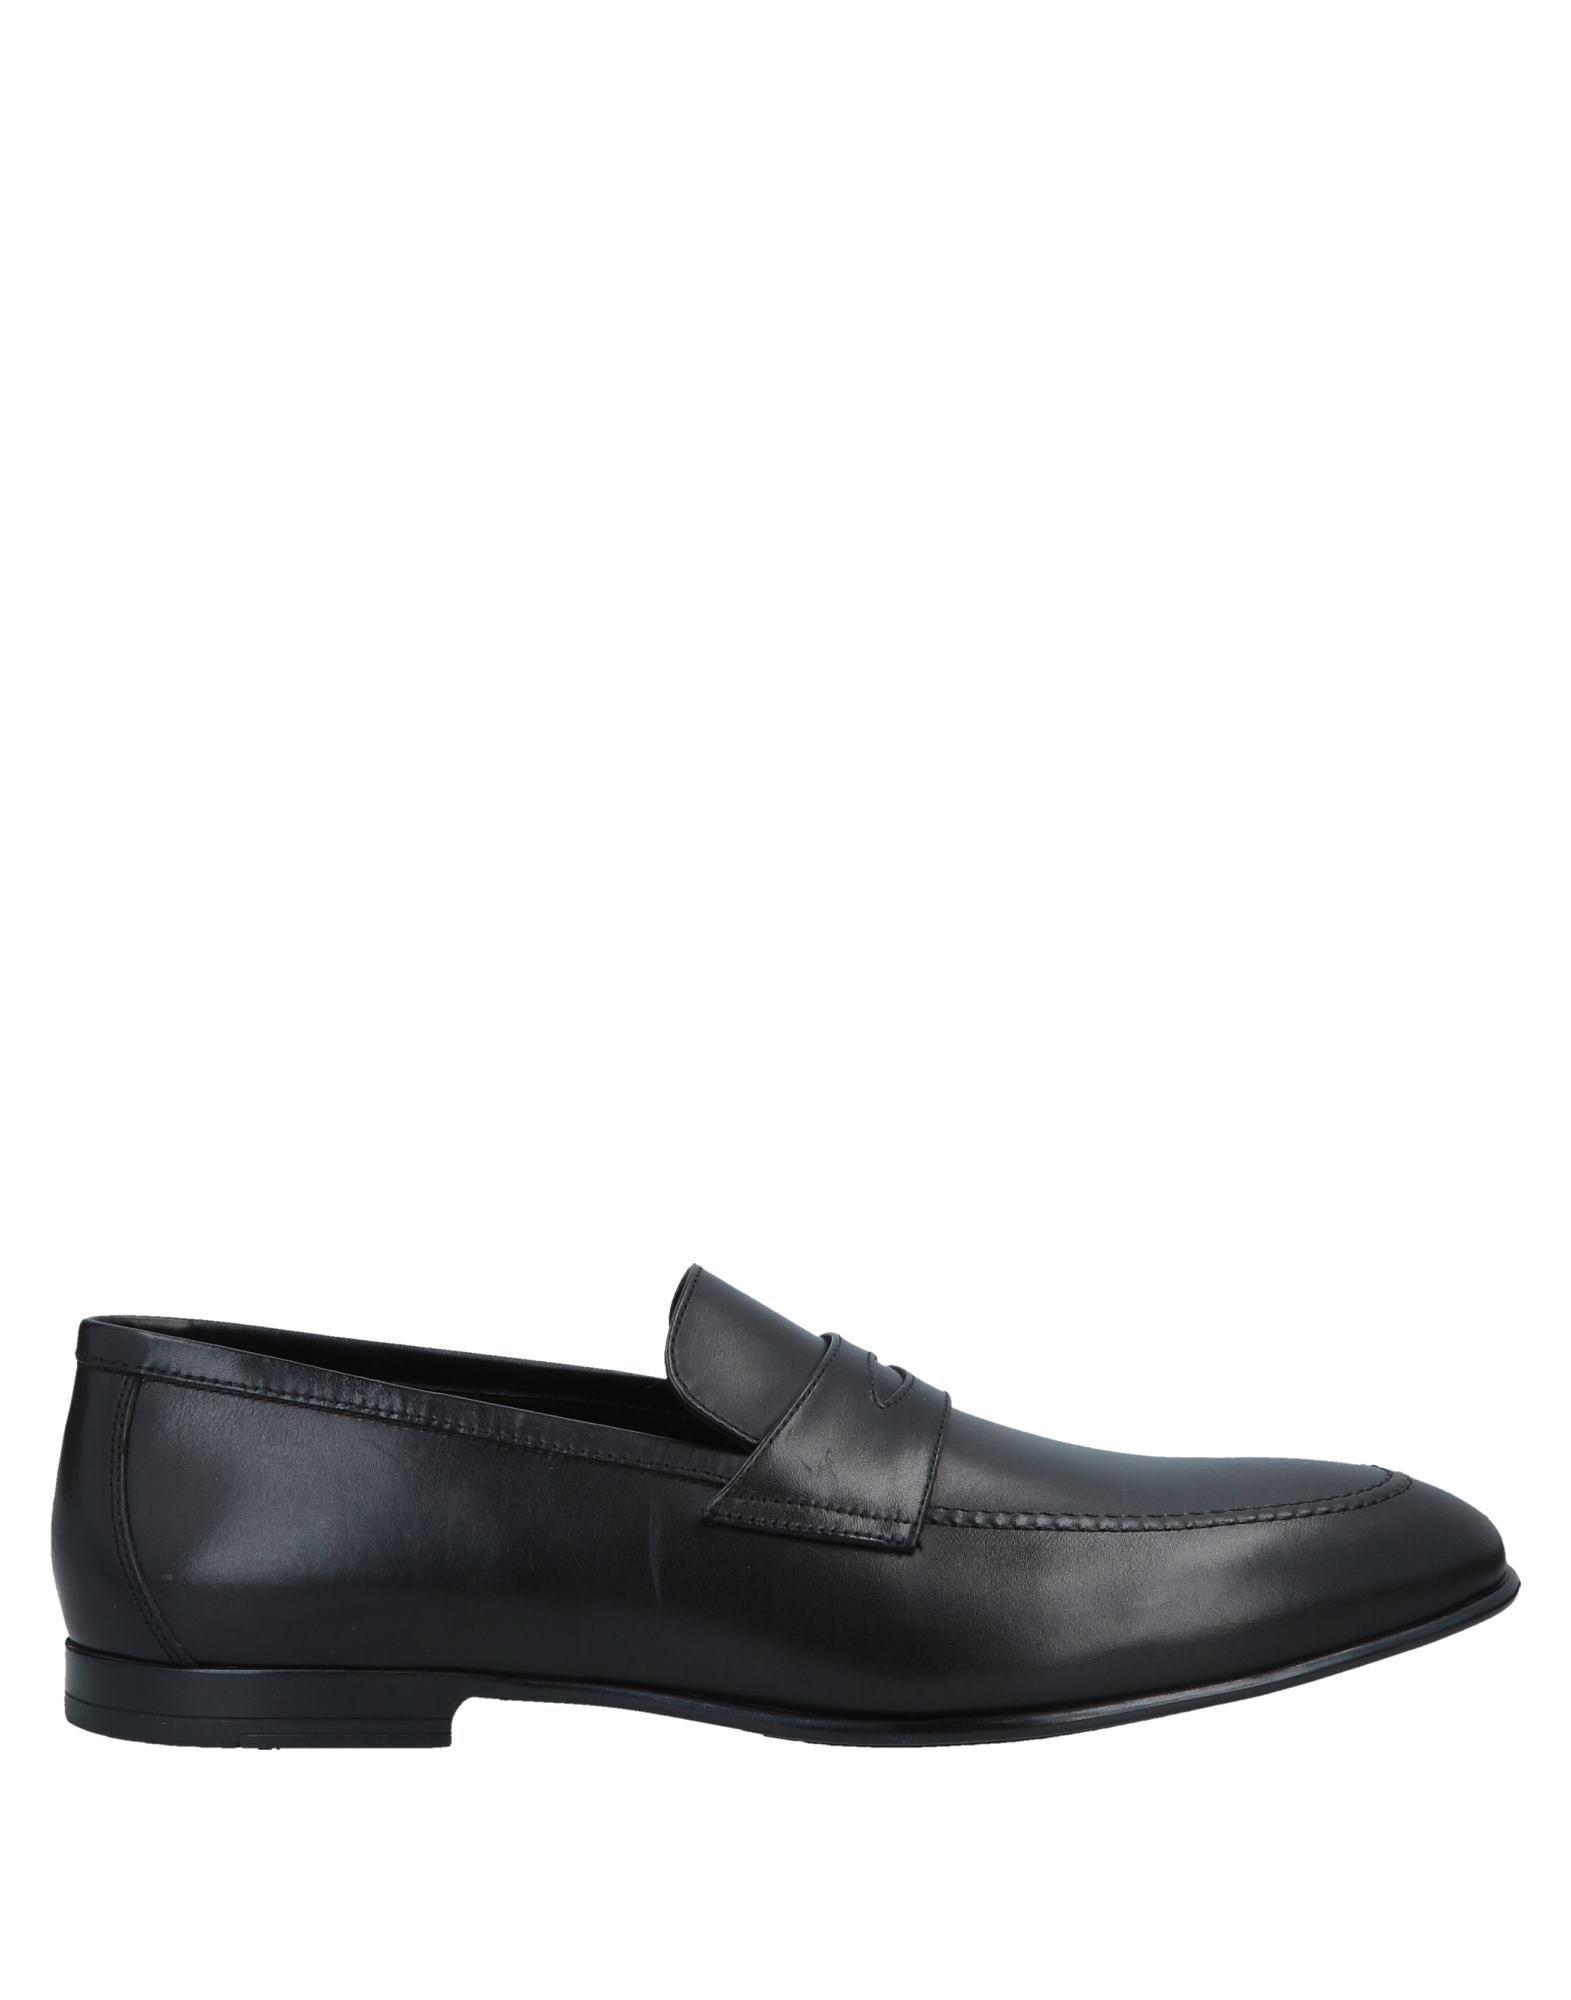 FOOTWEAR Doucal'S Black Man Calf